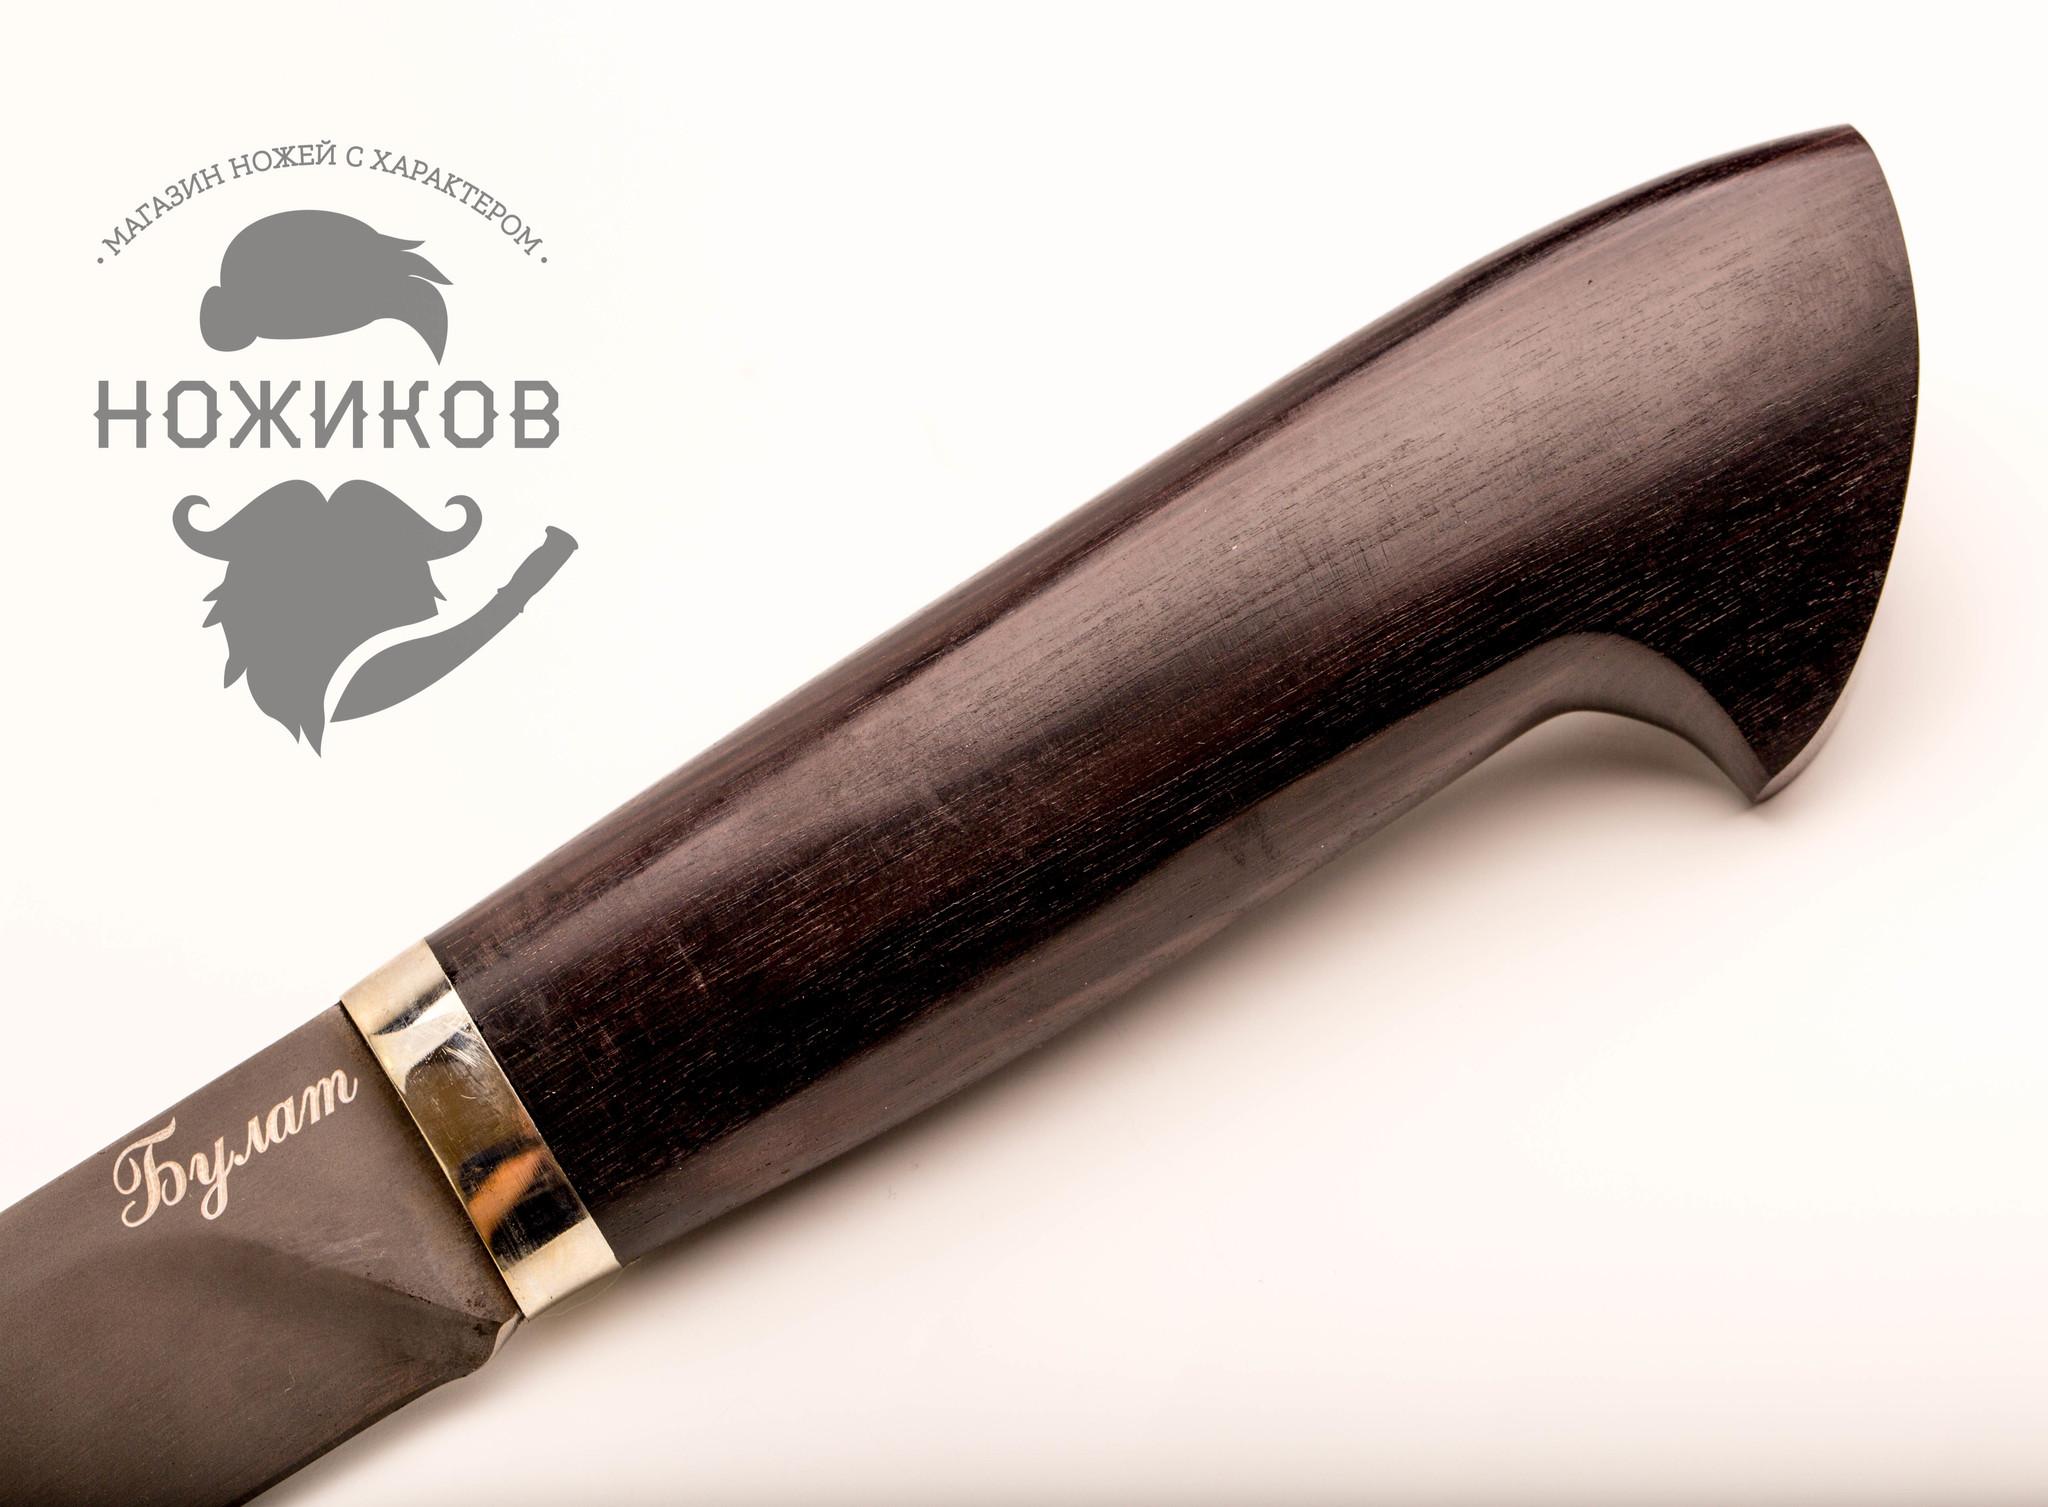 Фото 13 - Нож Якут булат, граб от Мастерская Климентьева